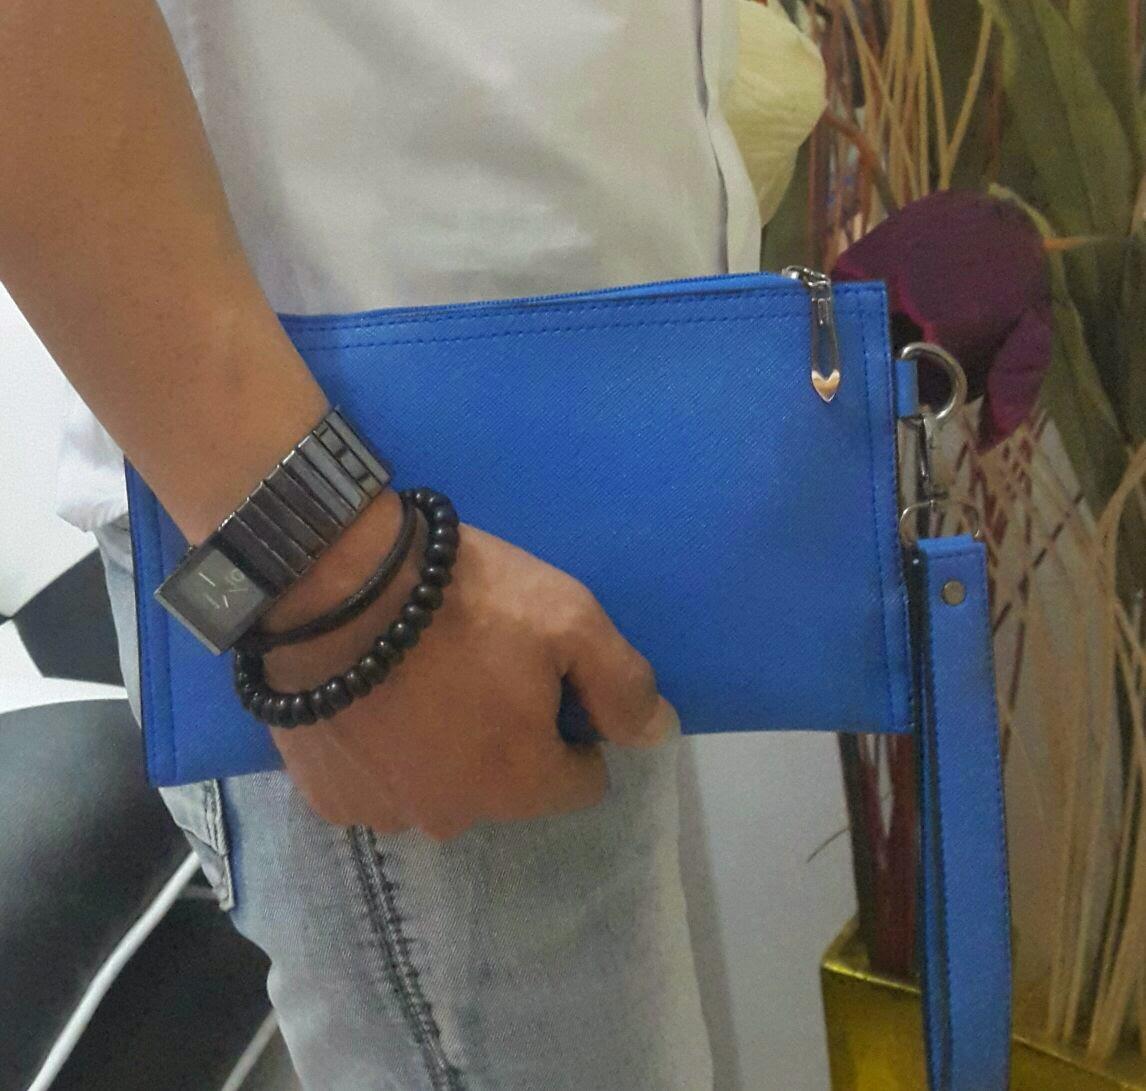 jual online mini clutch bag warna biru tosca terbaru untuk cowok dan cewek